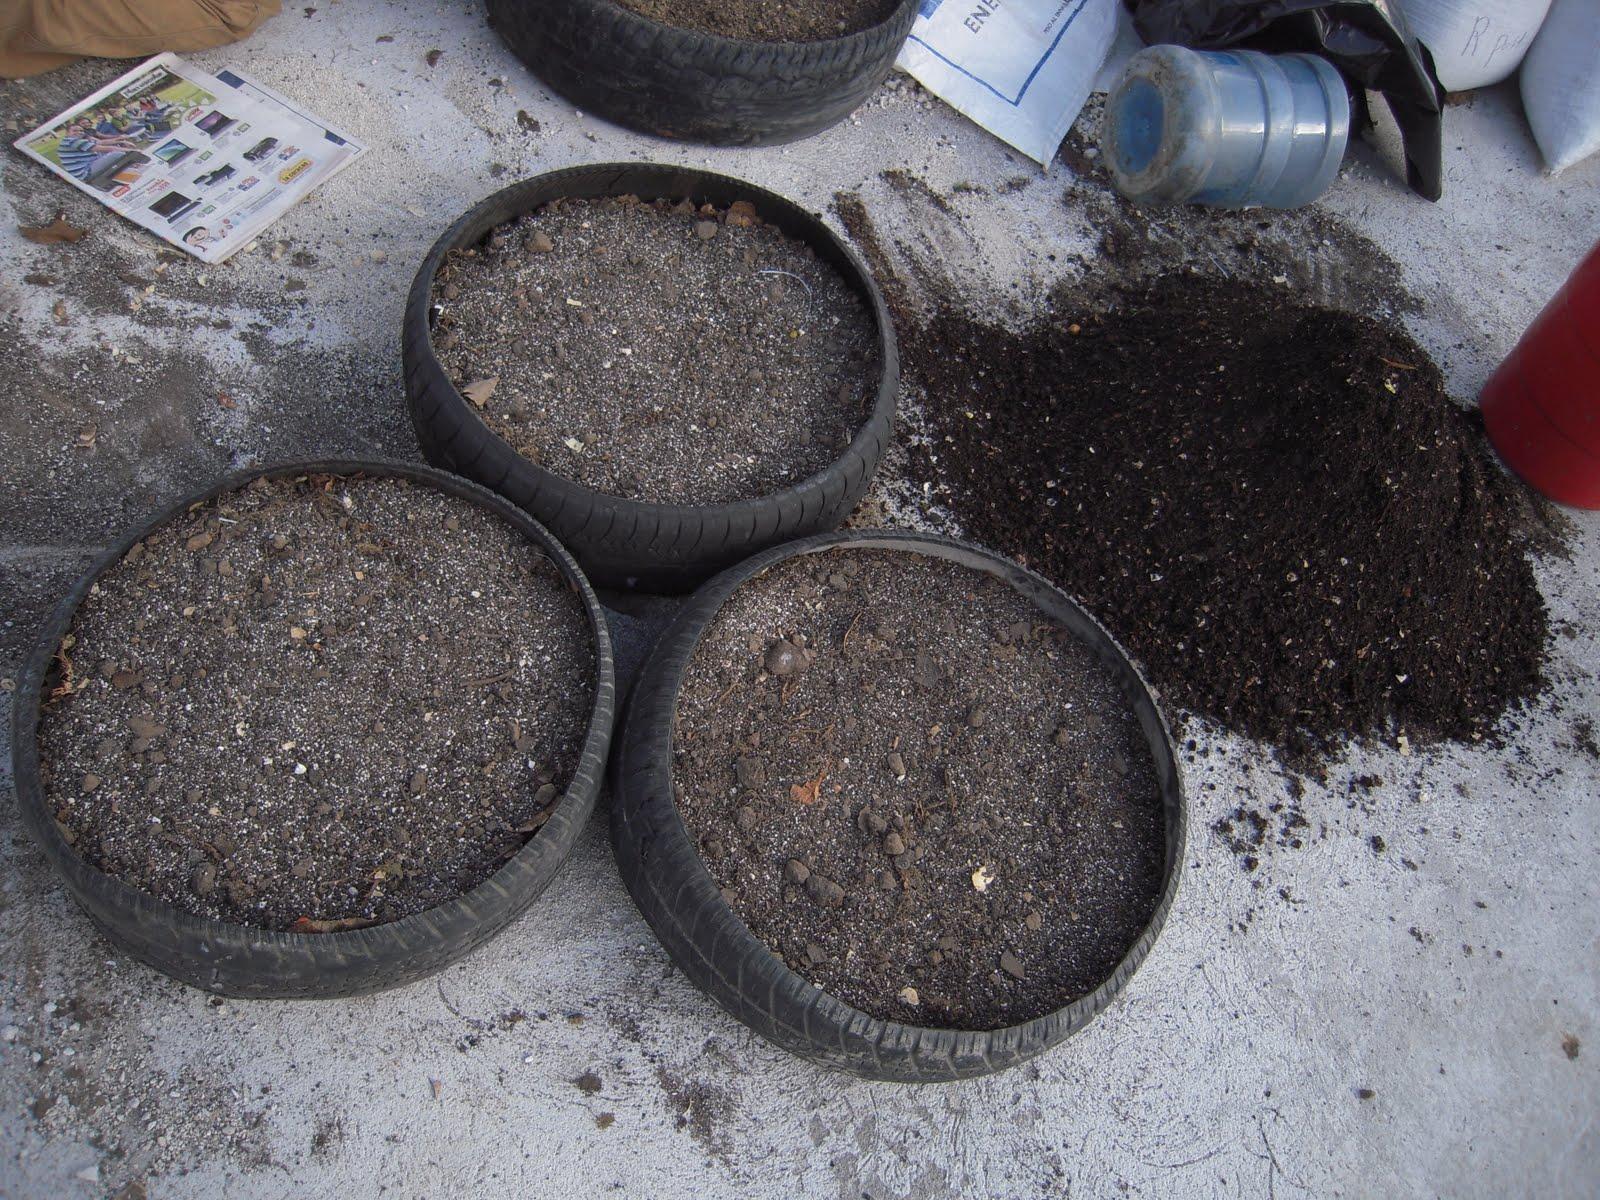 Creative Urban Gardens Part Ii The Tire Garden Semilla